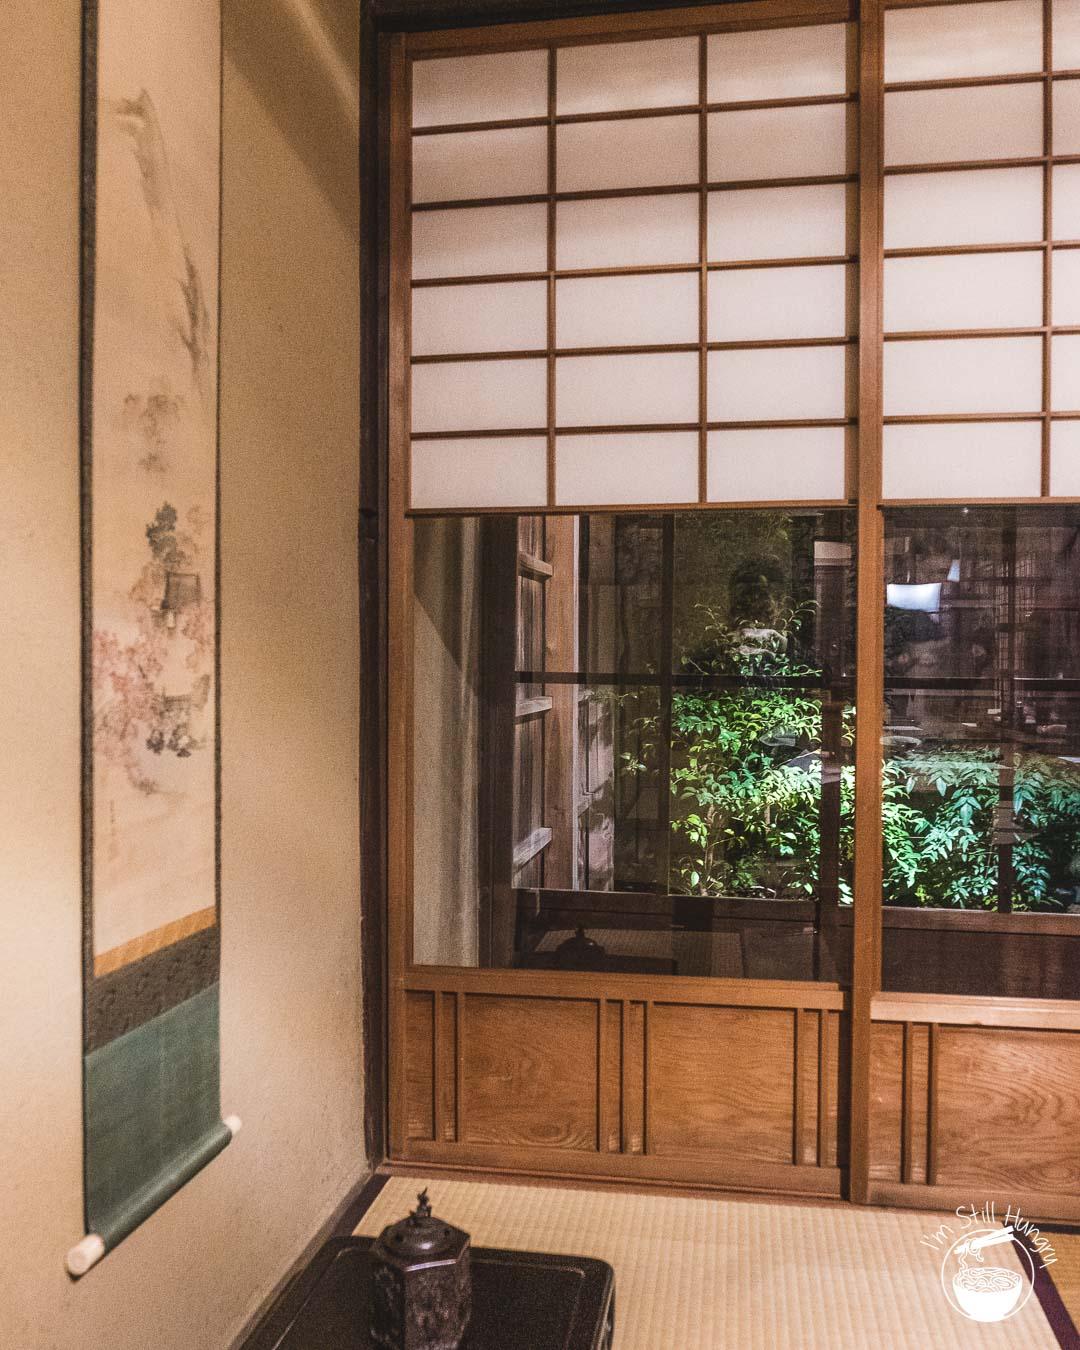 Kyoto - Onryōri Hiwatashi